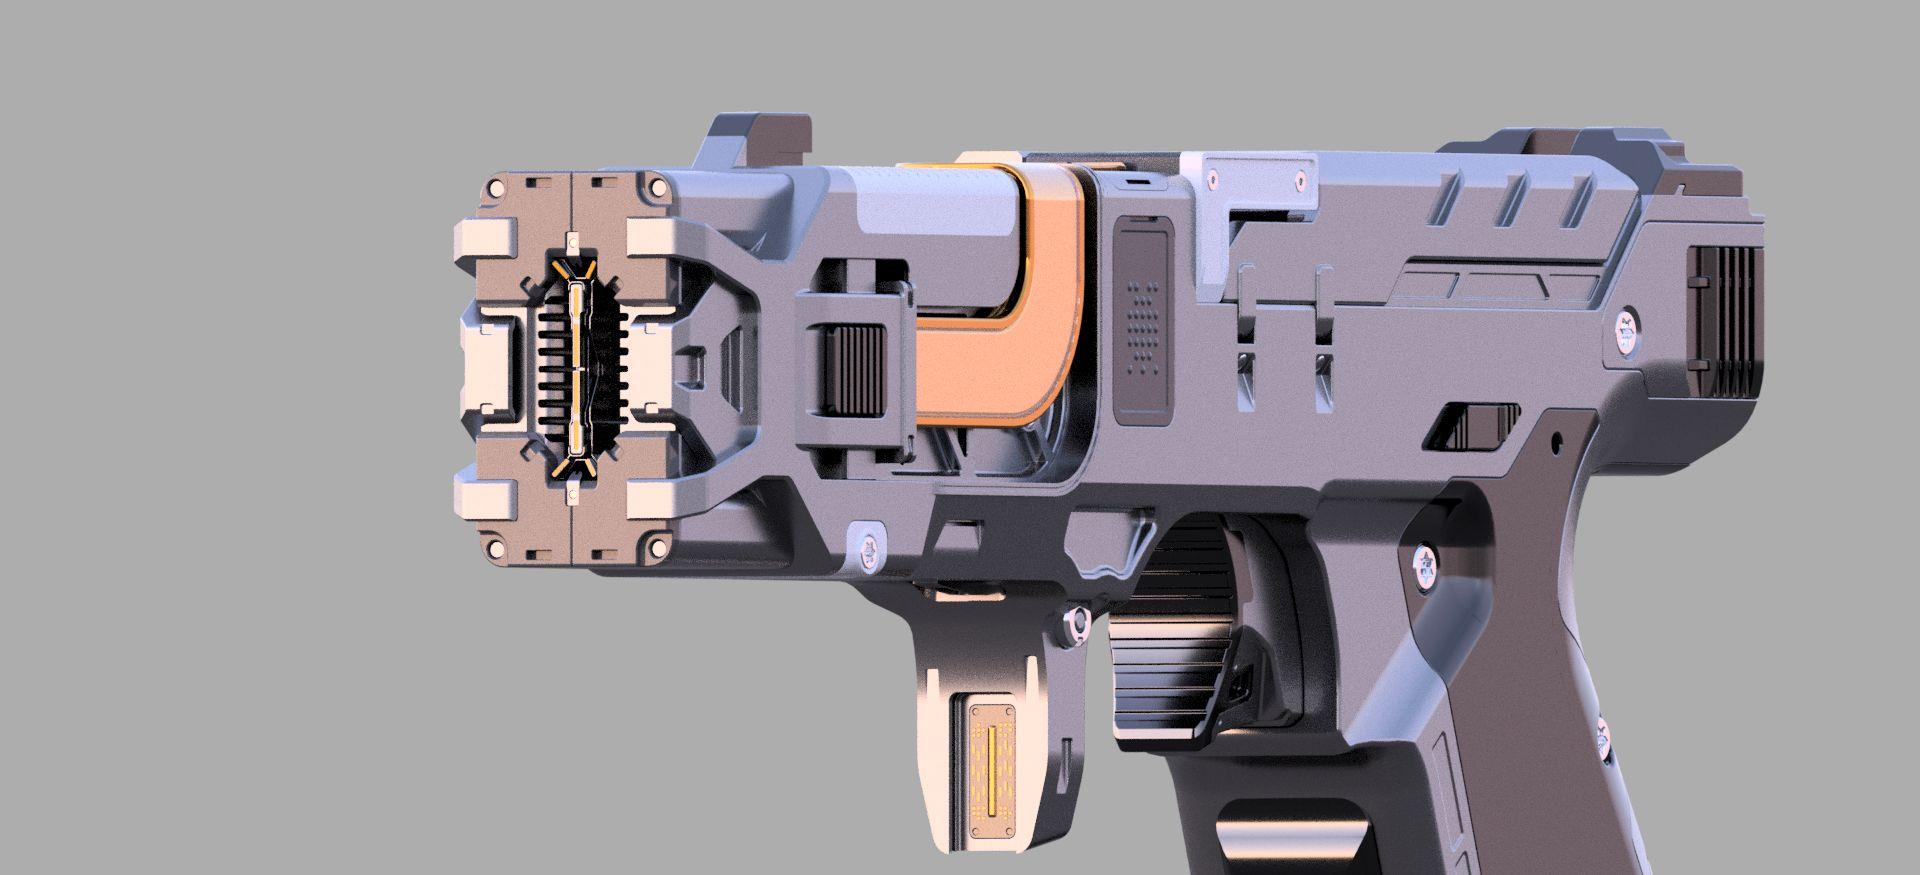 P-zh-4-v69-3500-3500